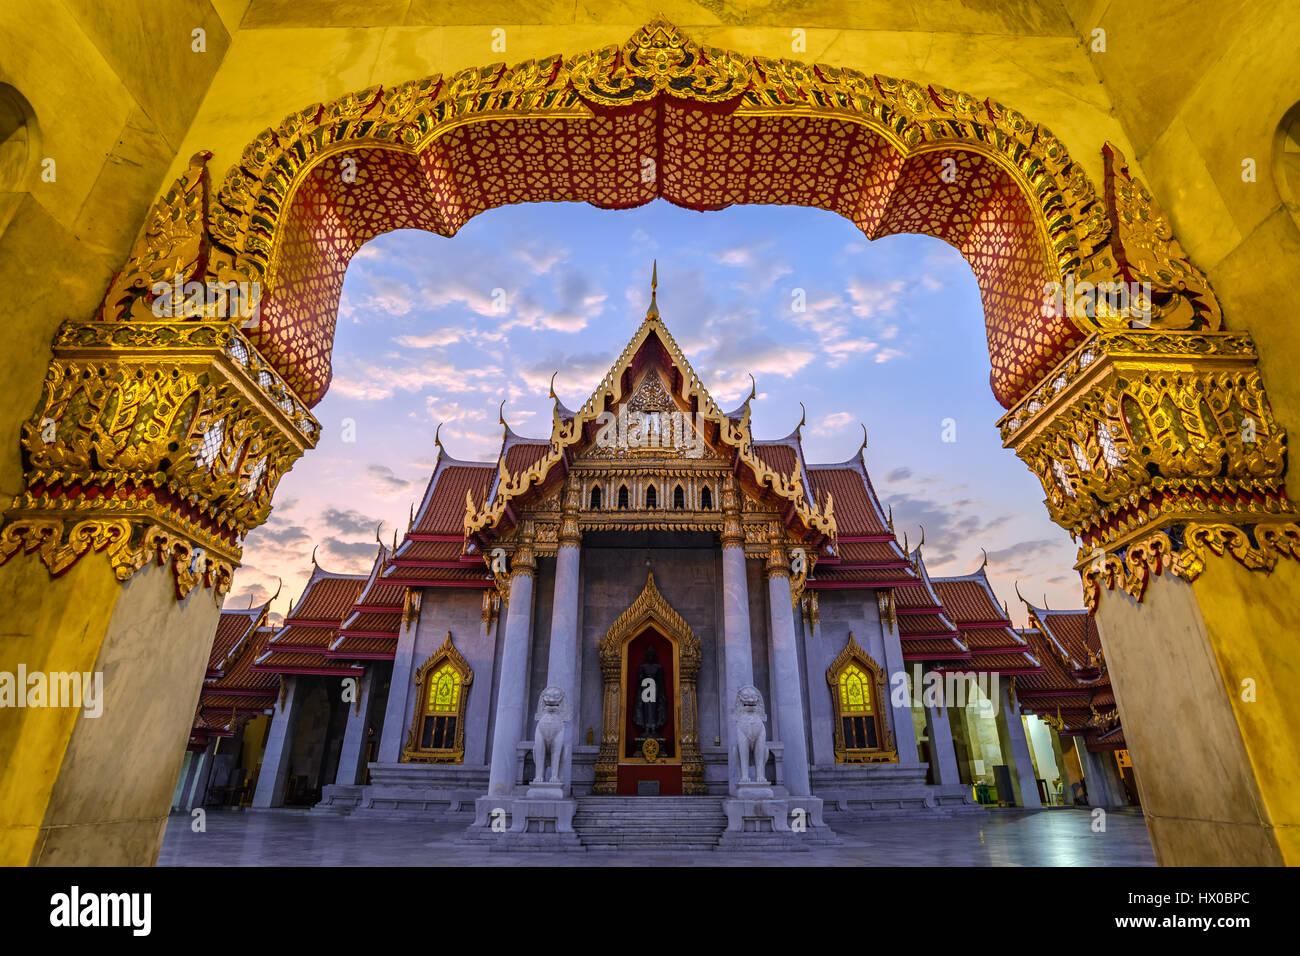 Marmor-Tempel oder Wat Benchamabophit, Bangkok, Thailand (öffentliche Tempel keine Ticket-Gebühr) Stockbild